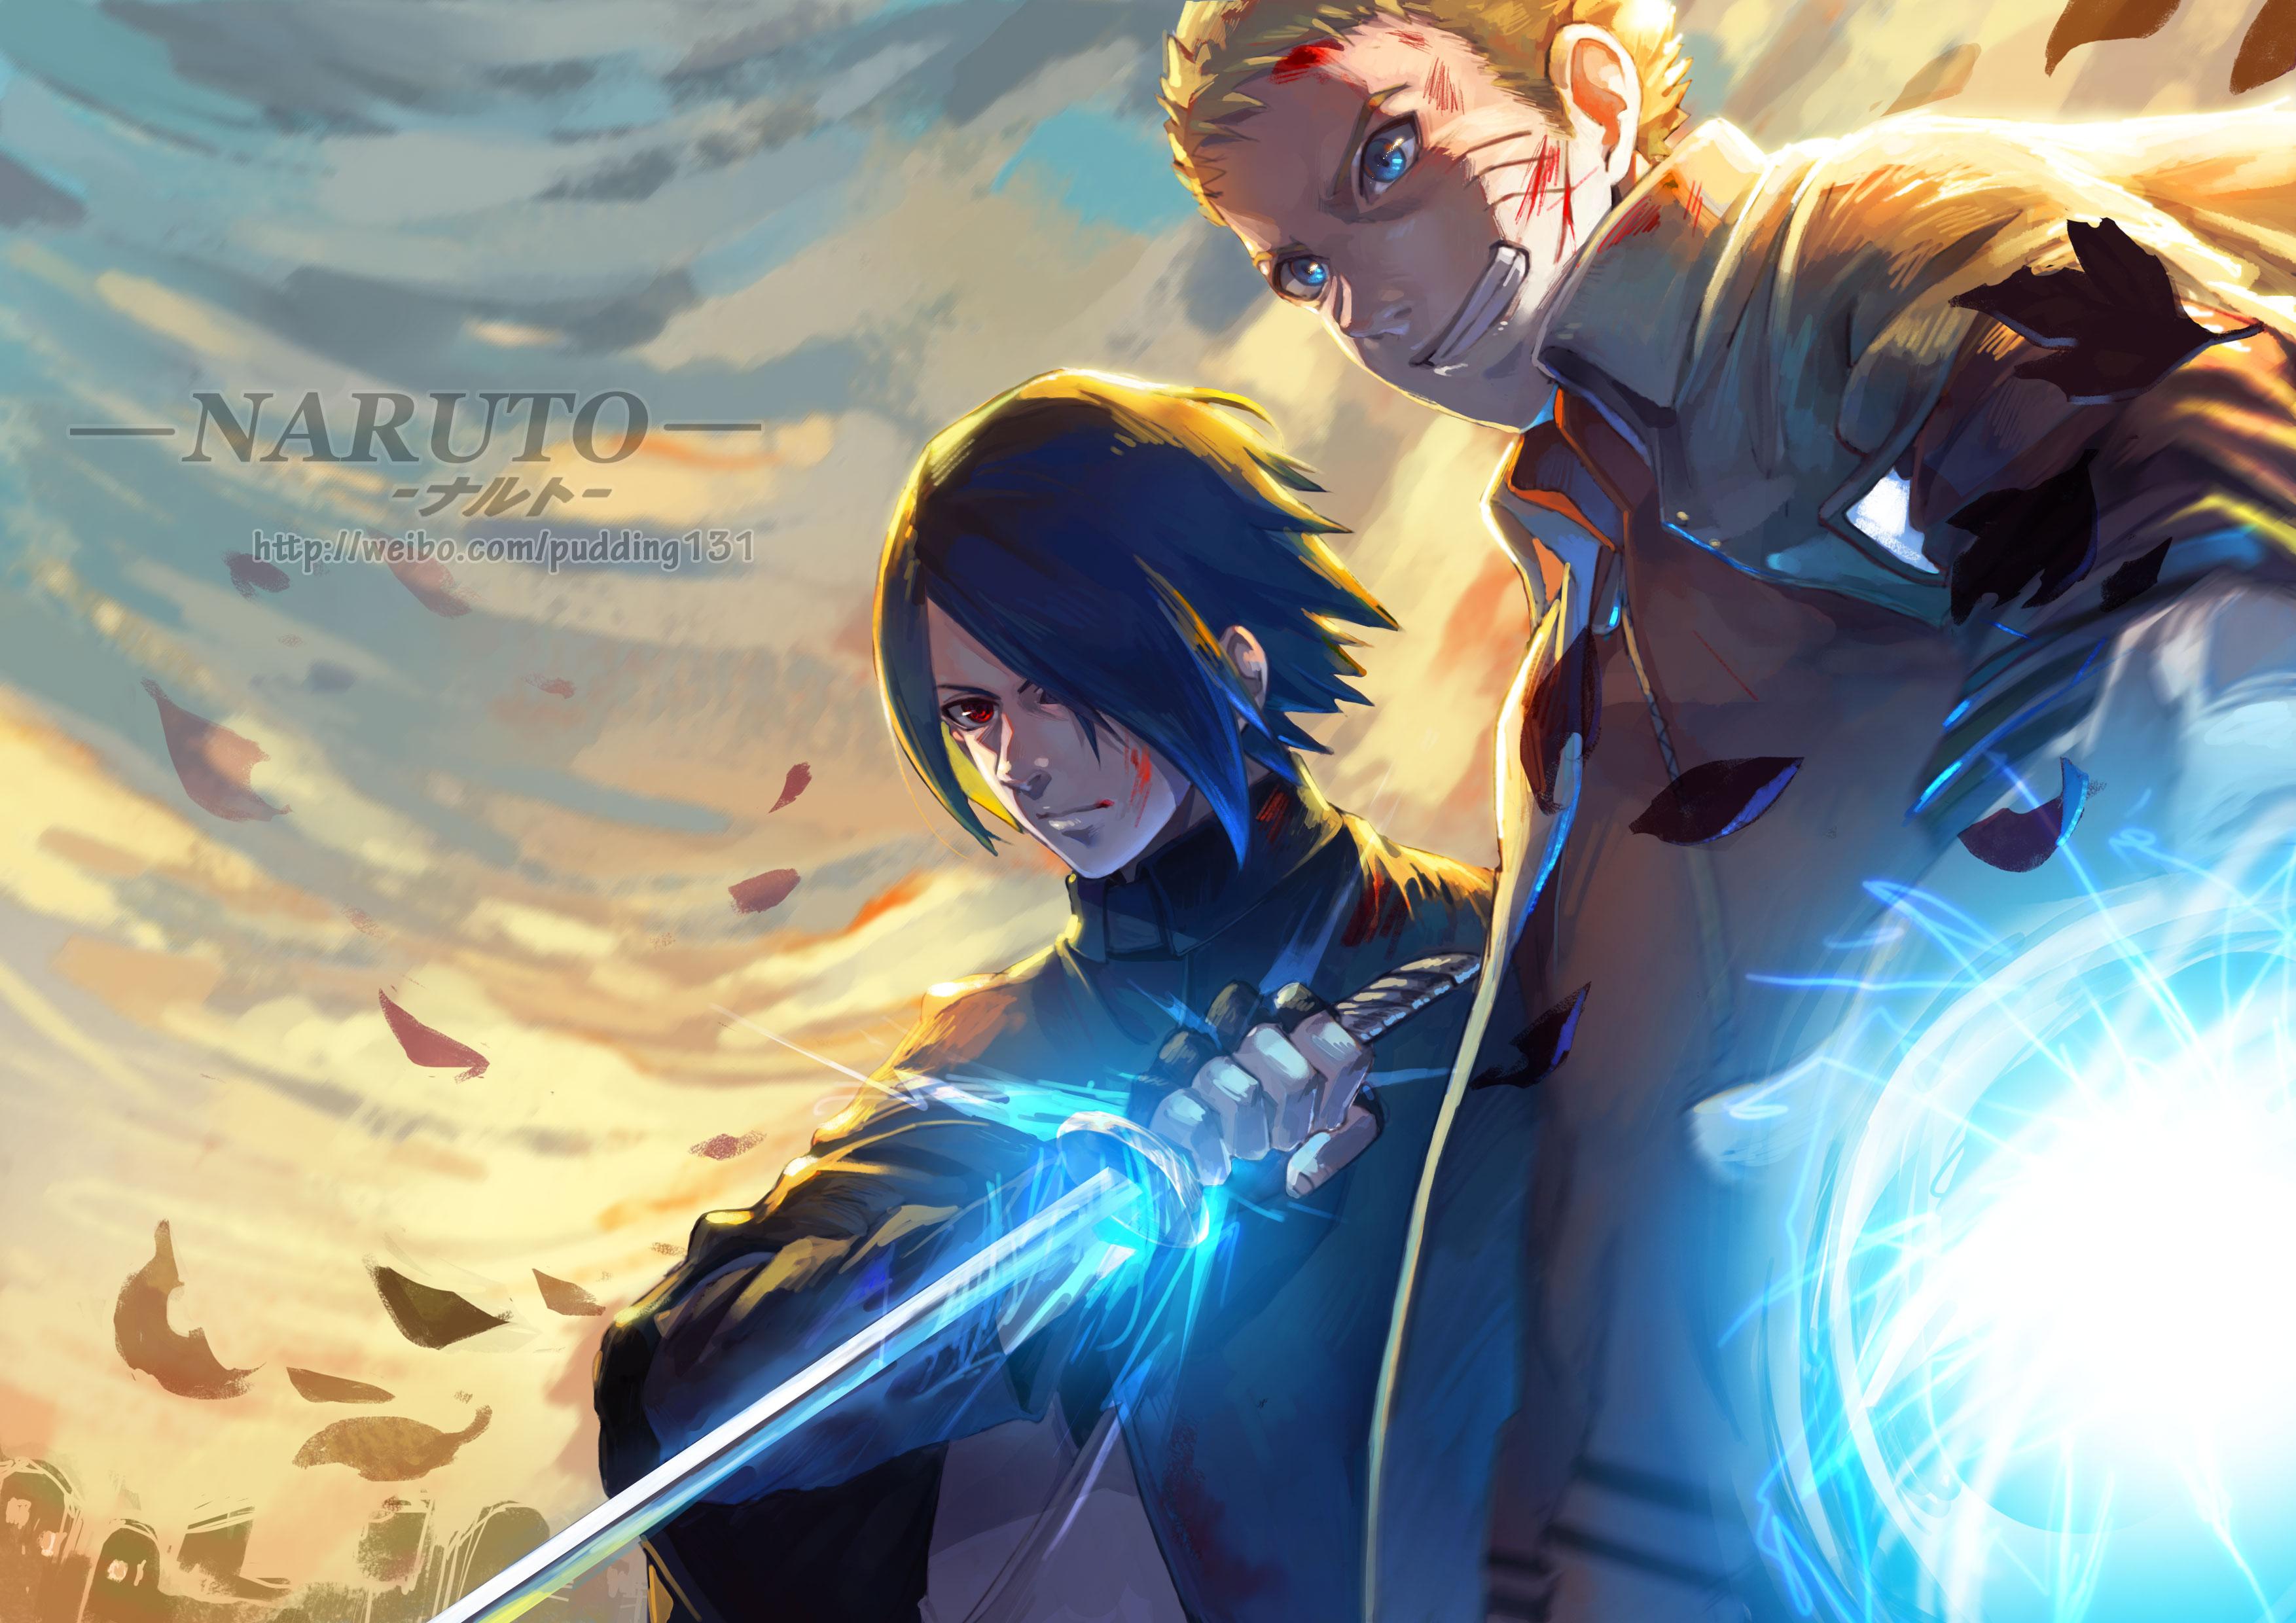 Wallpaper Of Anime, Naruto Uzumaki, Sasuke Uchiha, - Sasuke Uchiha Wallpaper Hd - HD Wallpaper